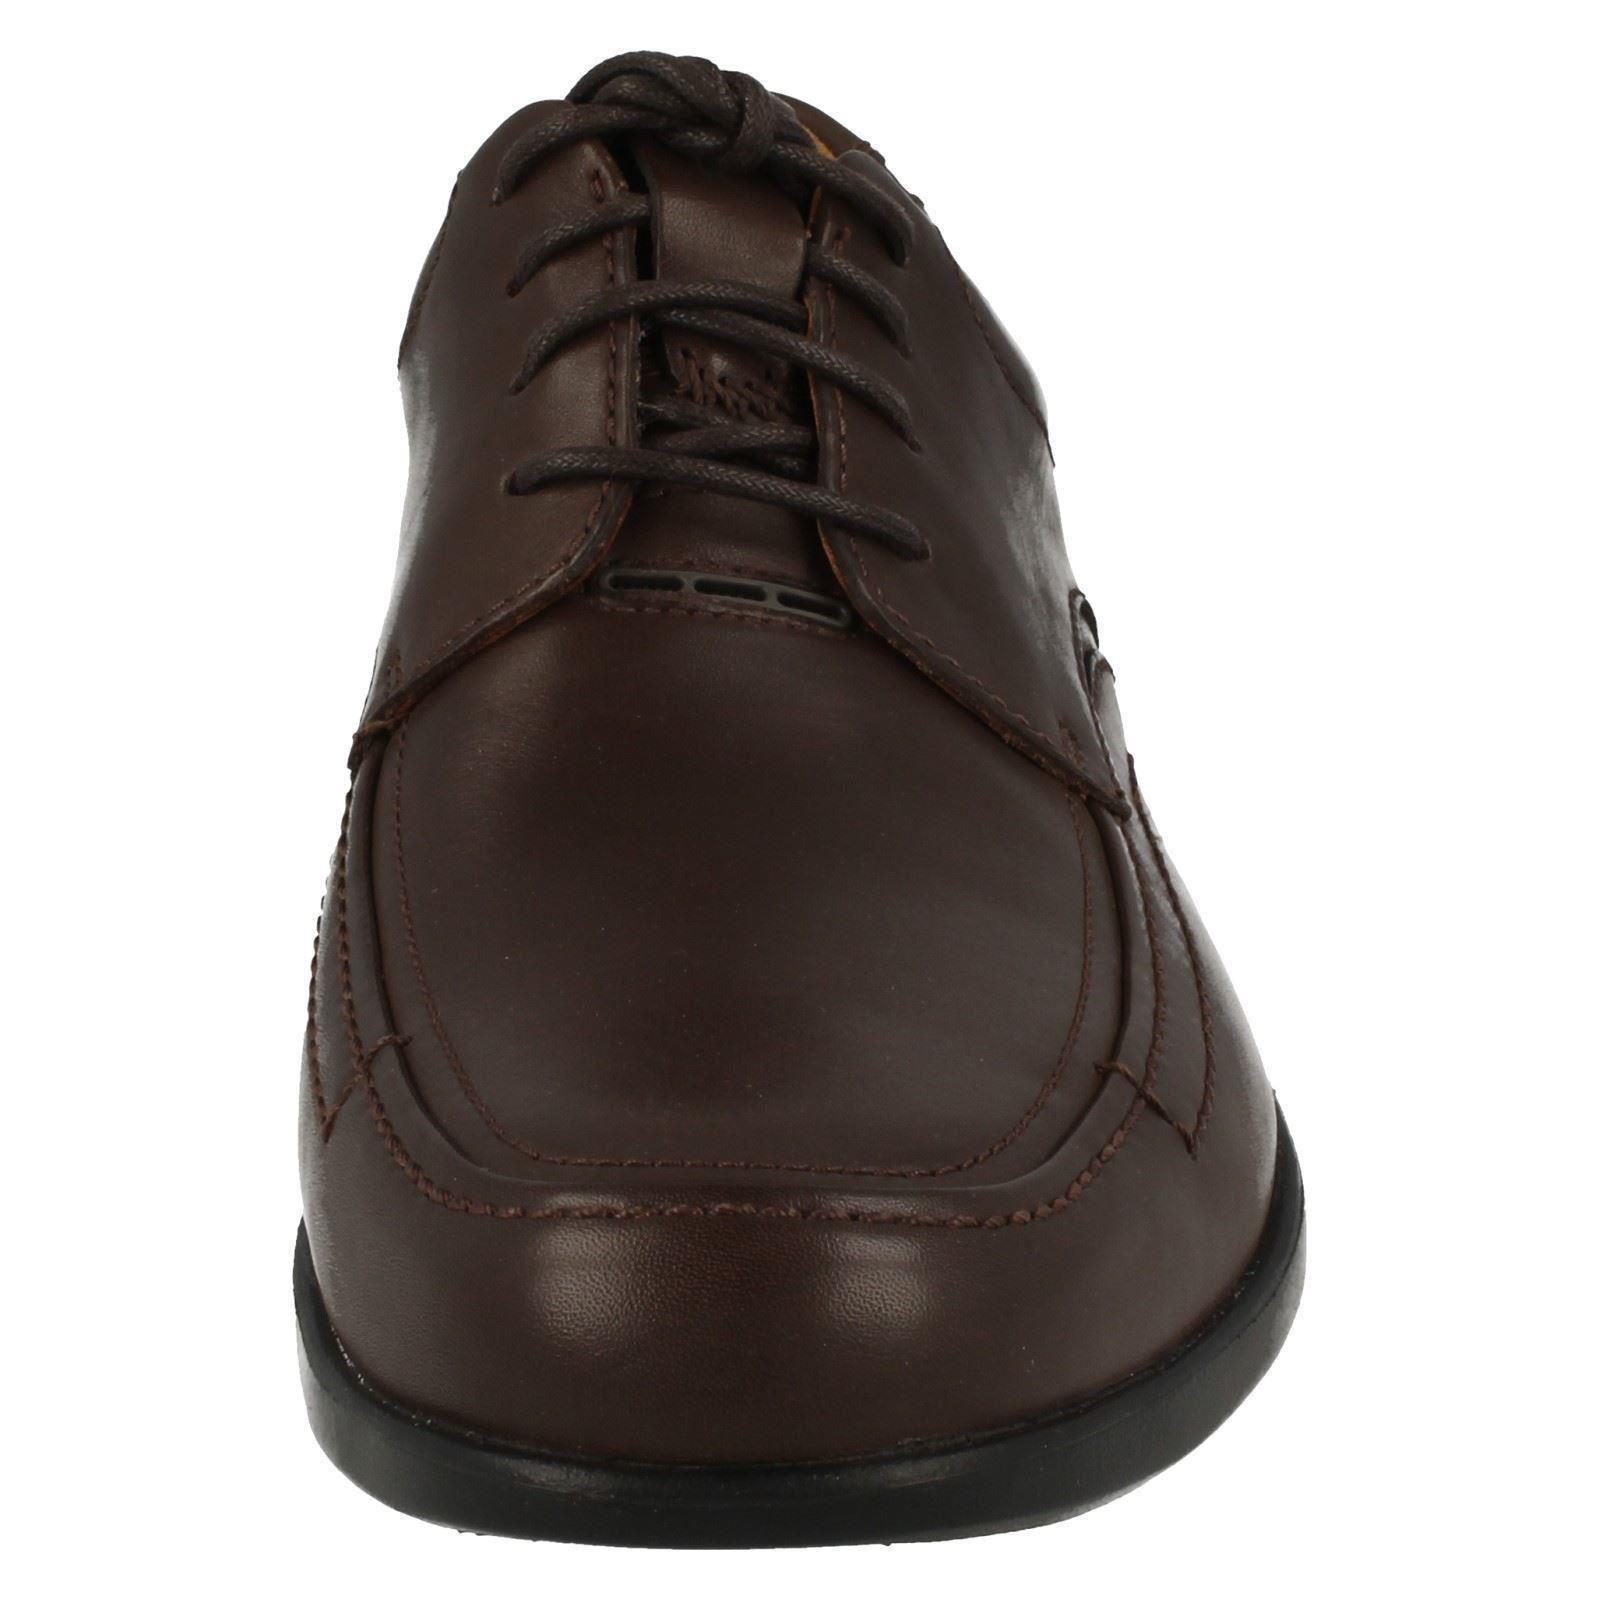 Hombre Clarks Lace Up Zapatos Un Sanford Sanford Sanford 7ec119